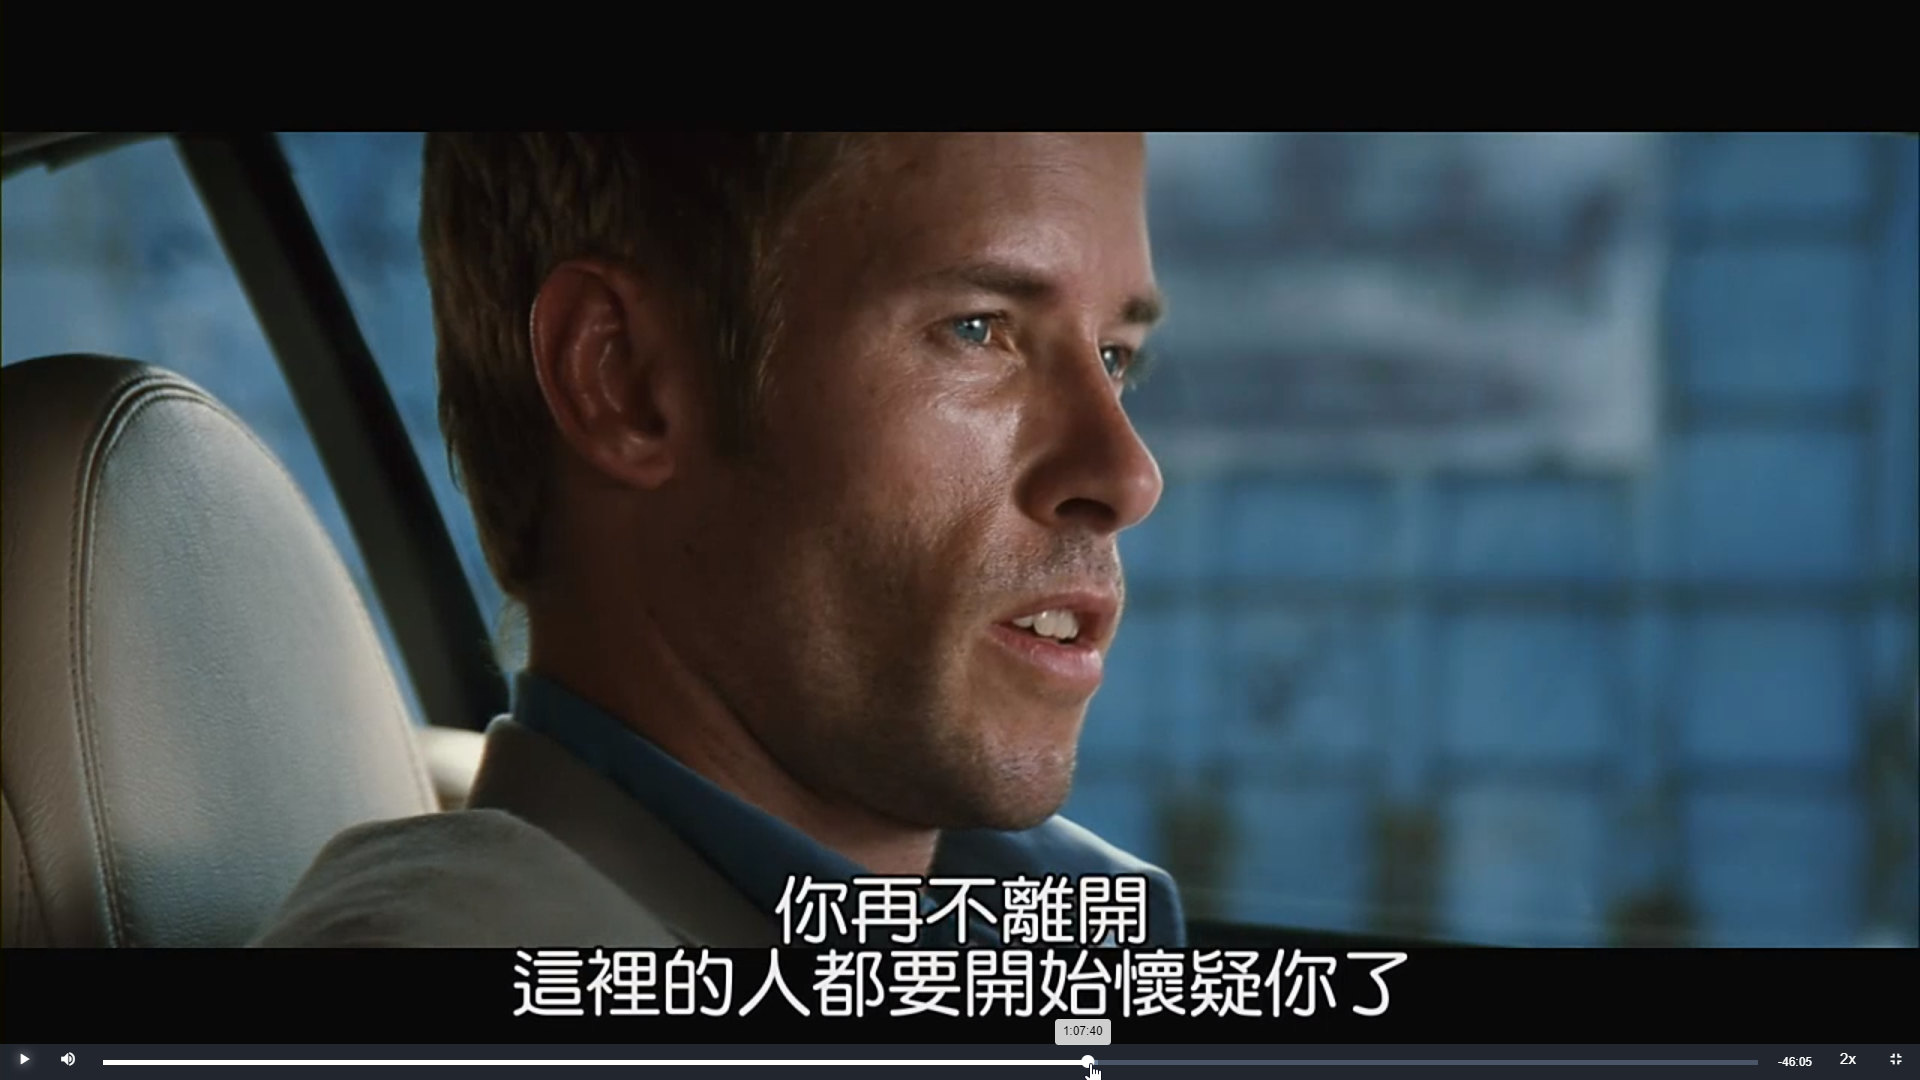 [感想] 電影-記憶拼圖 Memento (2000) 整理順序劇情&爭議討論-102.jpg